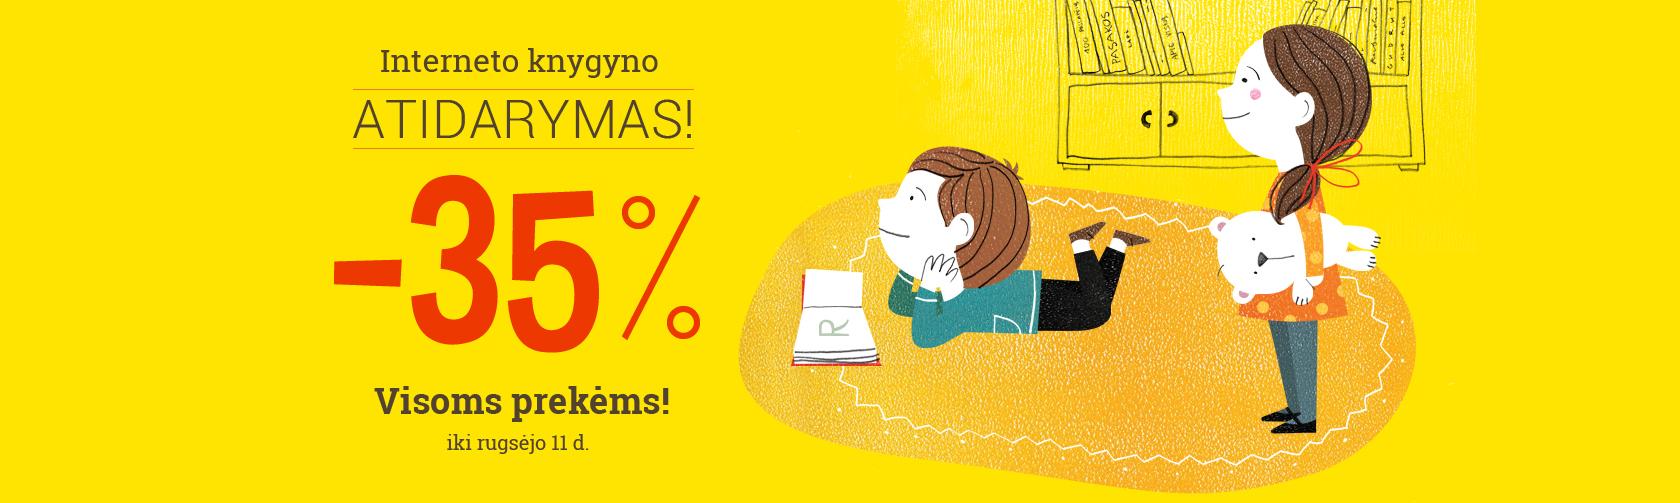 Visoms prekėms -35%